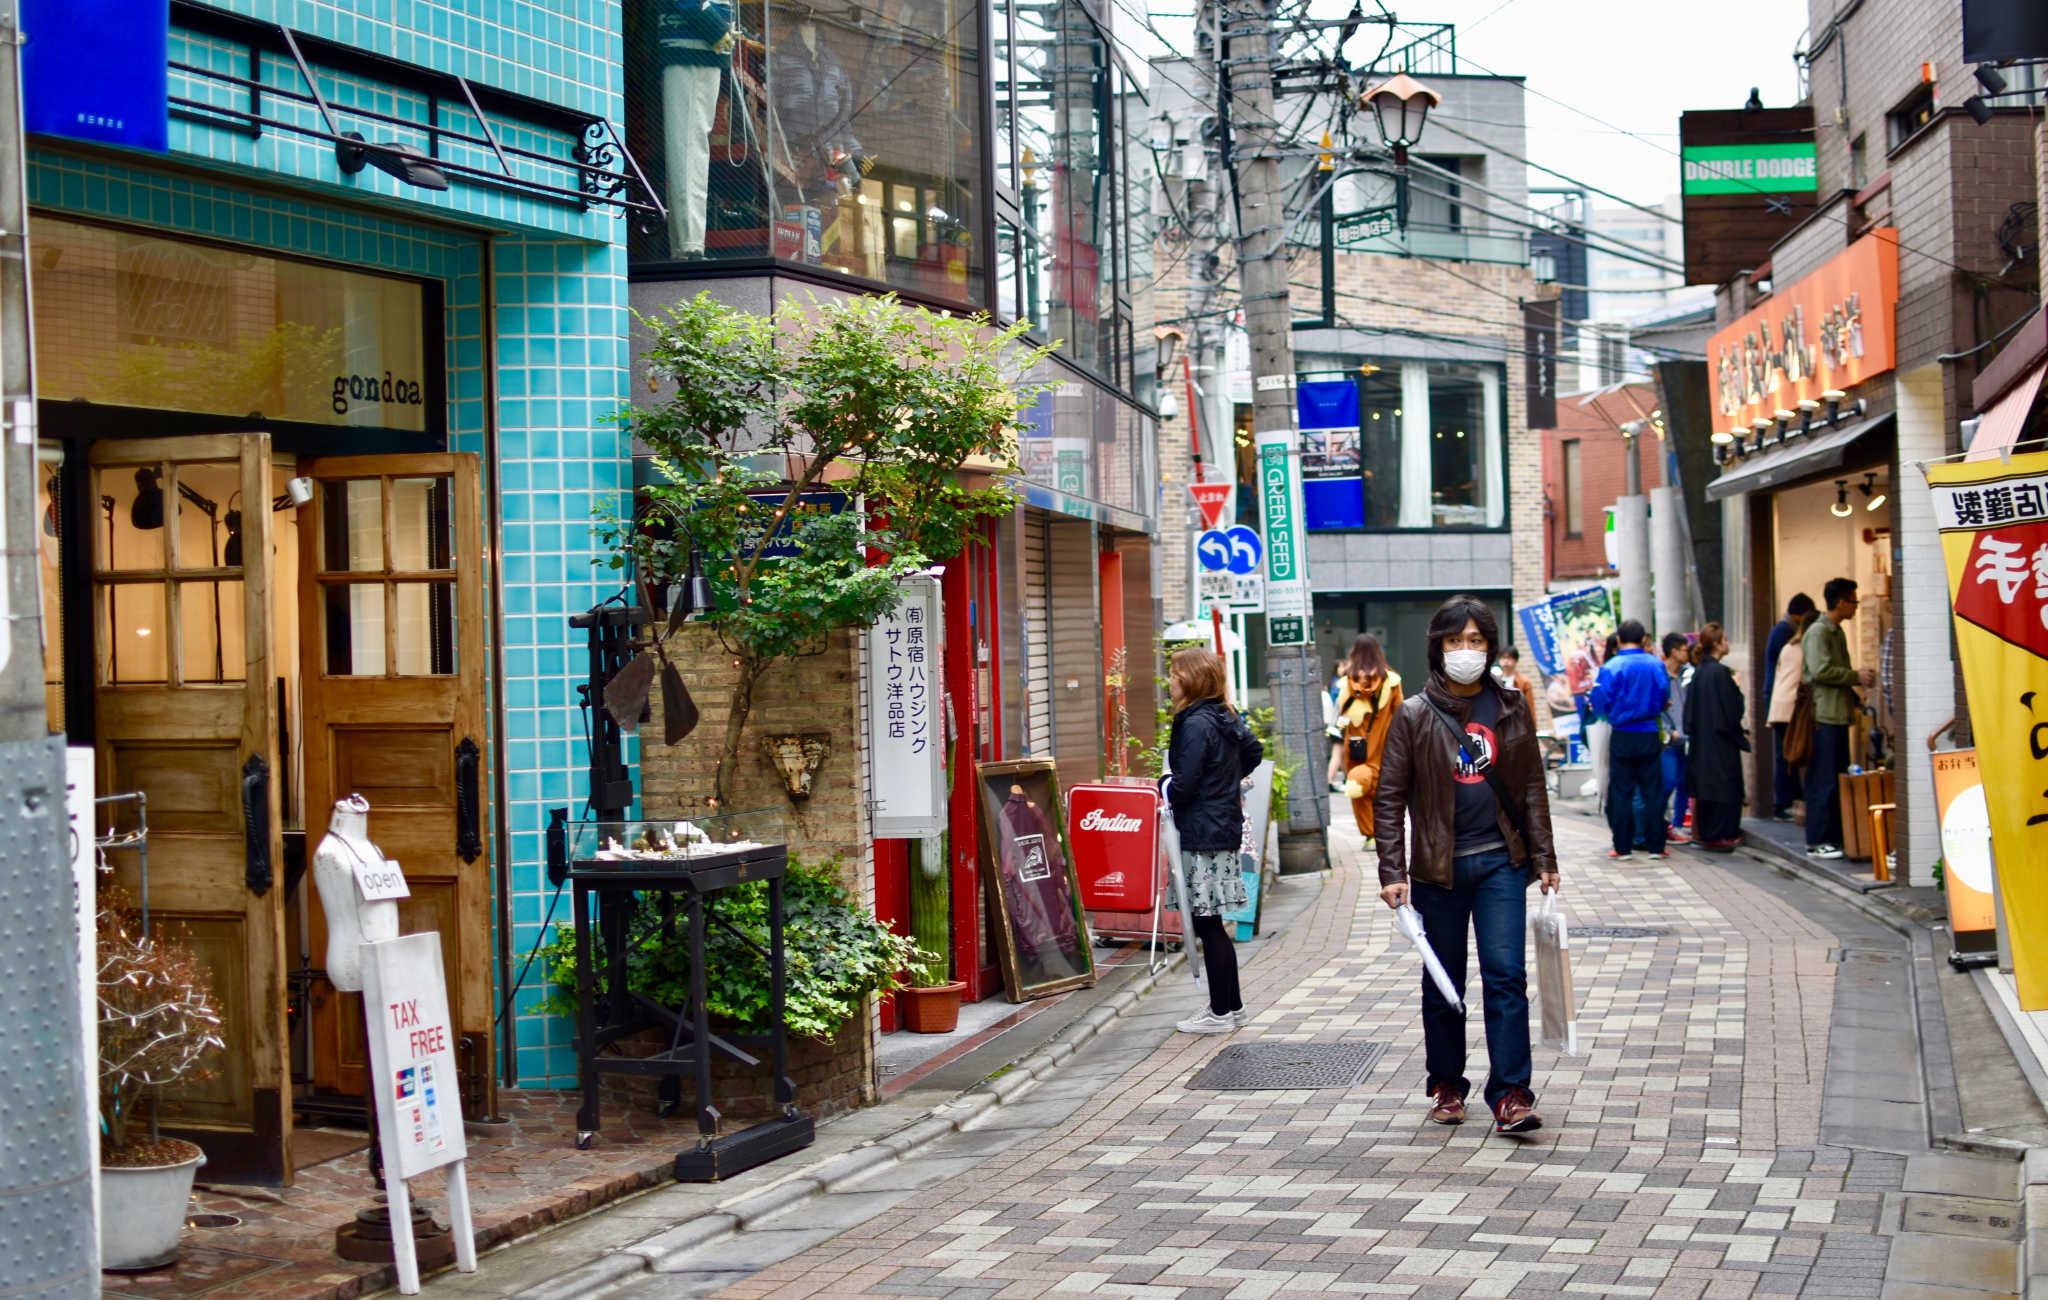 Une petite rue plus tranquille